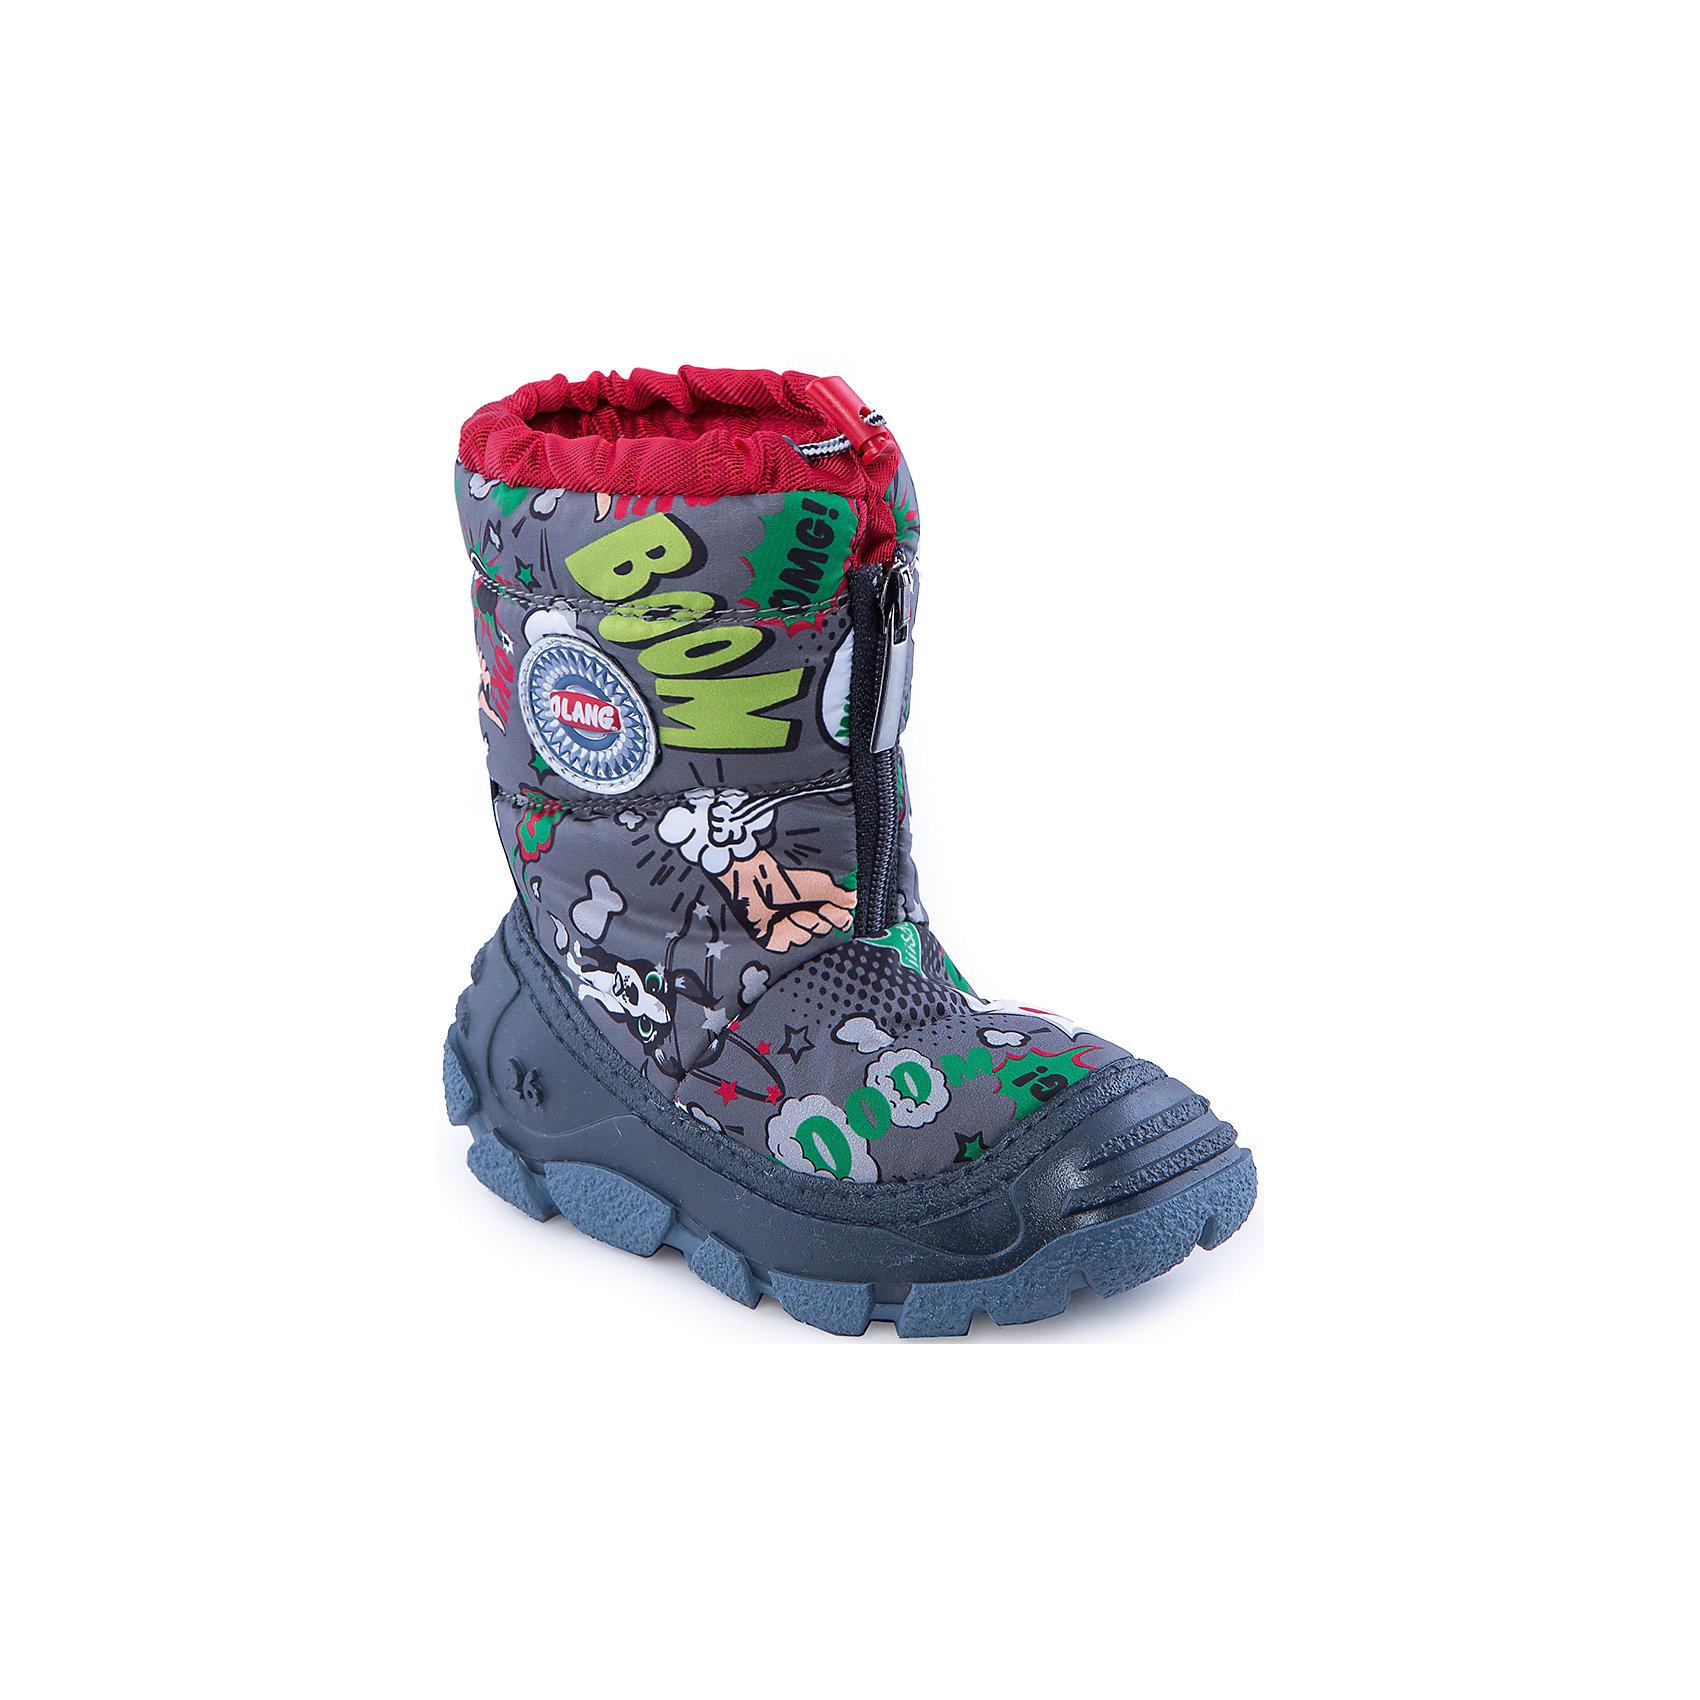 Сапоги для мальчика OlangСапоги для мальчика от известной марки Olang<br><br>Модные дутики разработаны специально для детей. <br>В холода они обеспечат детским ножкам комфорт и тепло.<br><br>Отличительные особенности модели:<br><br>- цвет: серый, с принтом;<br>- устойчивая рифленая подошва;<br>- теплая стелька;<br>- усиленный носок и задник;<br>- эргономичная форма;<br>- удобная колодка;<br>- меховая подкладка;<br>- качественные материалы;<br>- высокое голенище;<br>- застежка-молния впереди, утяжка.<br><br>Дополнительная информация:<br><br>- Температурный режим: от - 20° С  до +5° С.<br><br>- Состав:<br><br>материал верха: 80% текстиль, 20% полиуретан<br>материал подкладки: искусственный мех<br>подошва: 70% ЭВА, 30% натуральная резина<br><br>Сапоги для мальчика Olang (Оланг) можно купить в нашем магазине.<br><br>Ширина мм: 257<br>Глубина мм: 180<br>Высота мм: 130<br>Вес г: 420<br>Цвет: серый<br>Возраст от месяцев: 24<br>Возраст до месяцев: 24<br>Пол: Мужской<br>Возраст: Детский<br>Размер: 25/26,29/30,27/28<br>SKU: 4279317